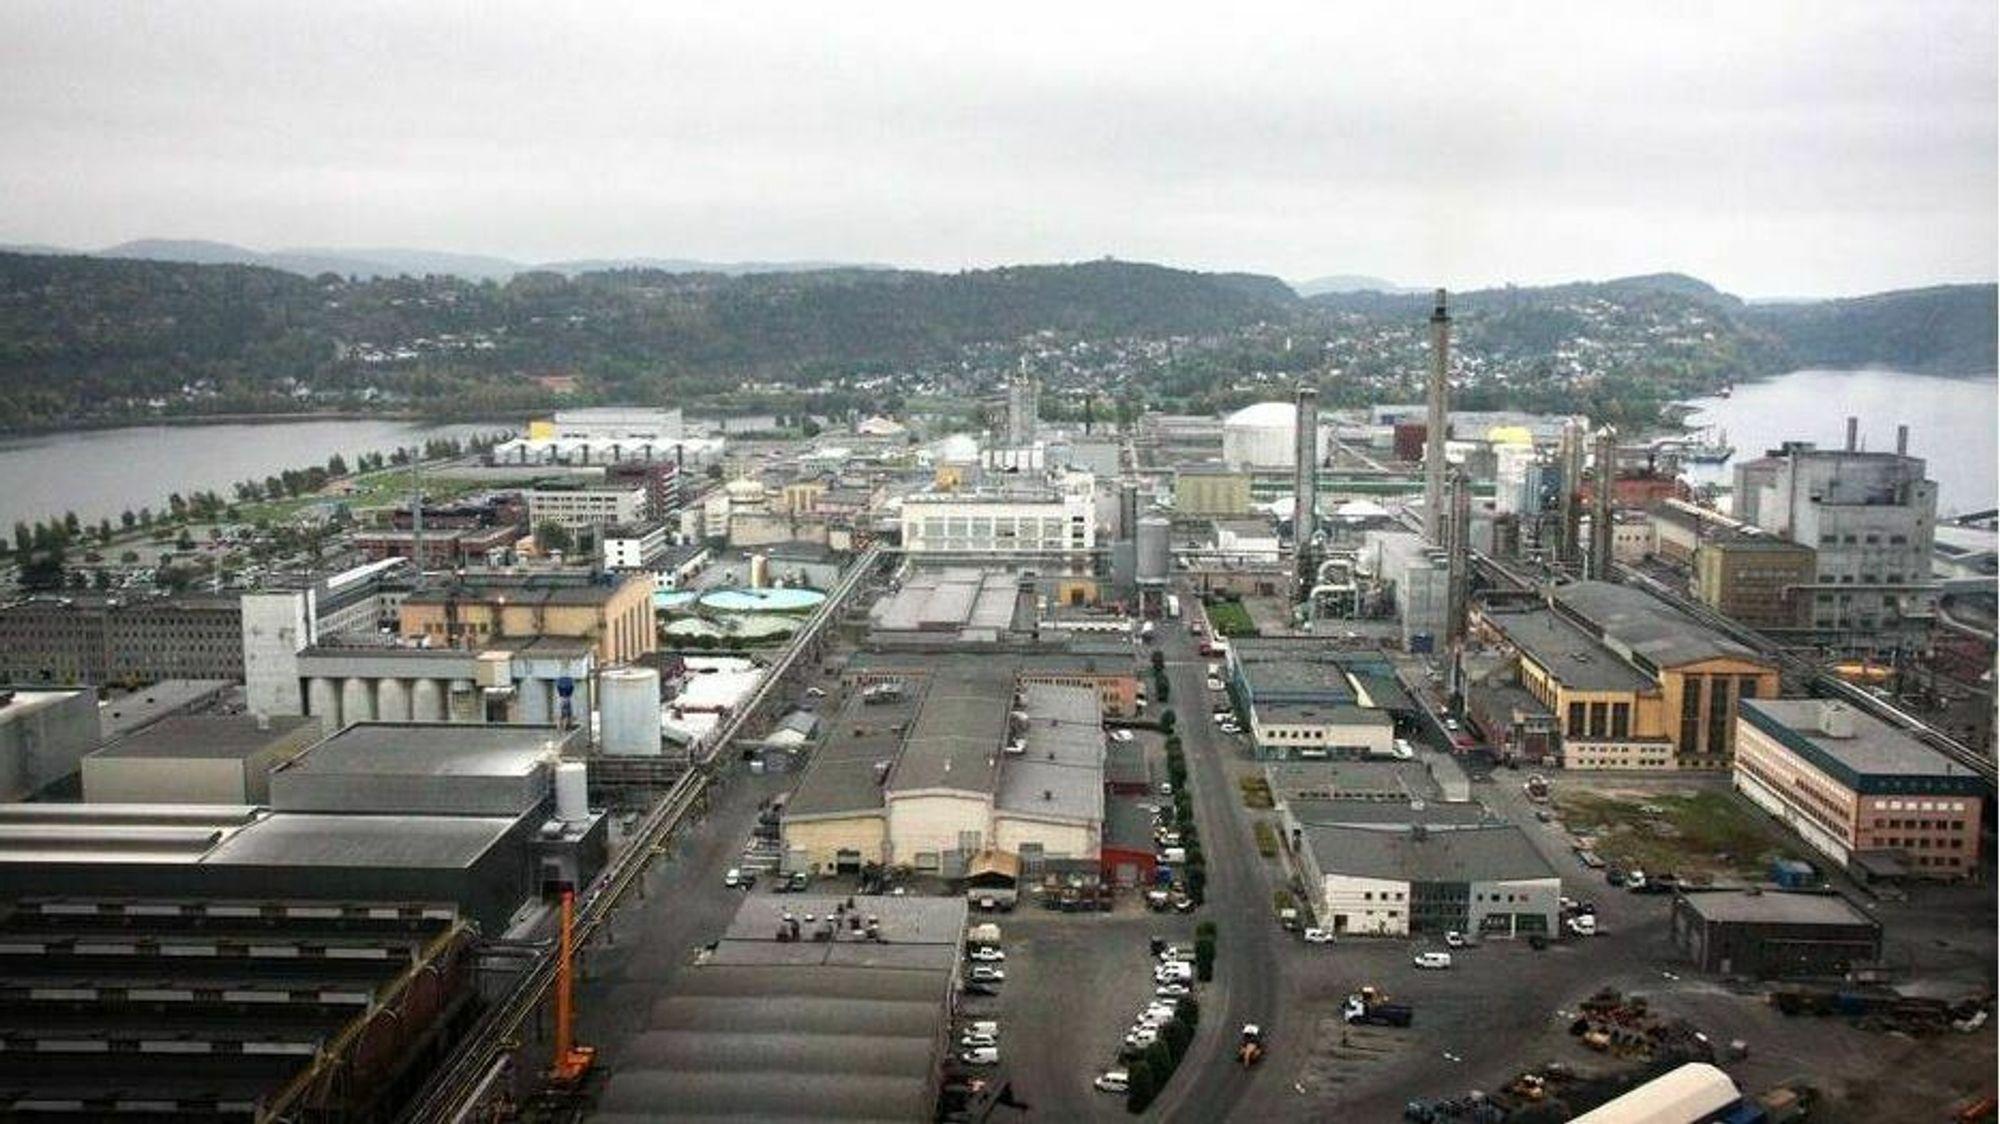 Både Nordic Blue Crude og Sunfire/Norsk E-fuel vil bygge fabrikker for syntetisk drivstoff her på Herøya. Produksjon av drivstoff fra CO2 og vann er svært energikrevende, og industriparken har god tilgang på strøm og høye effekt.